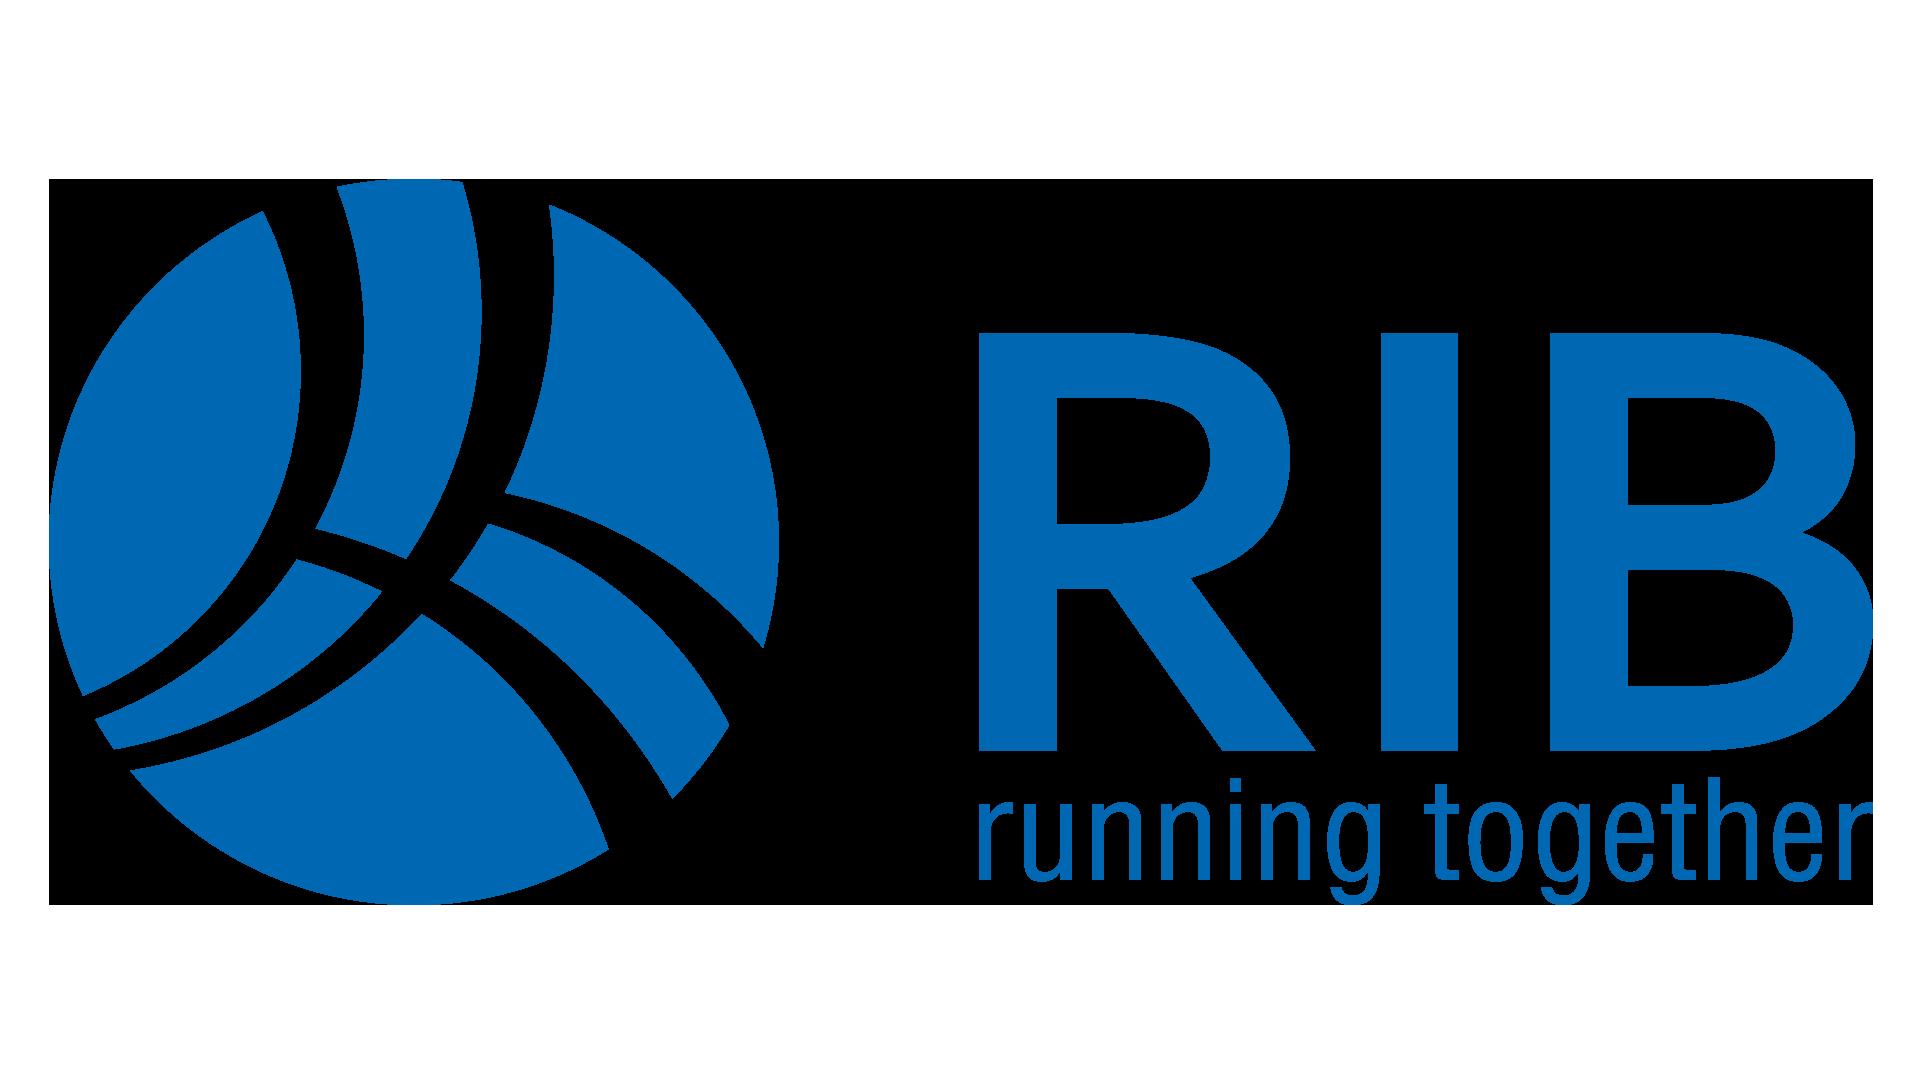 德国RIB集团